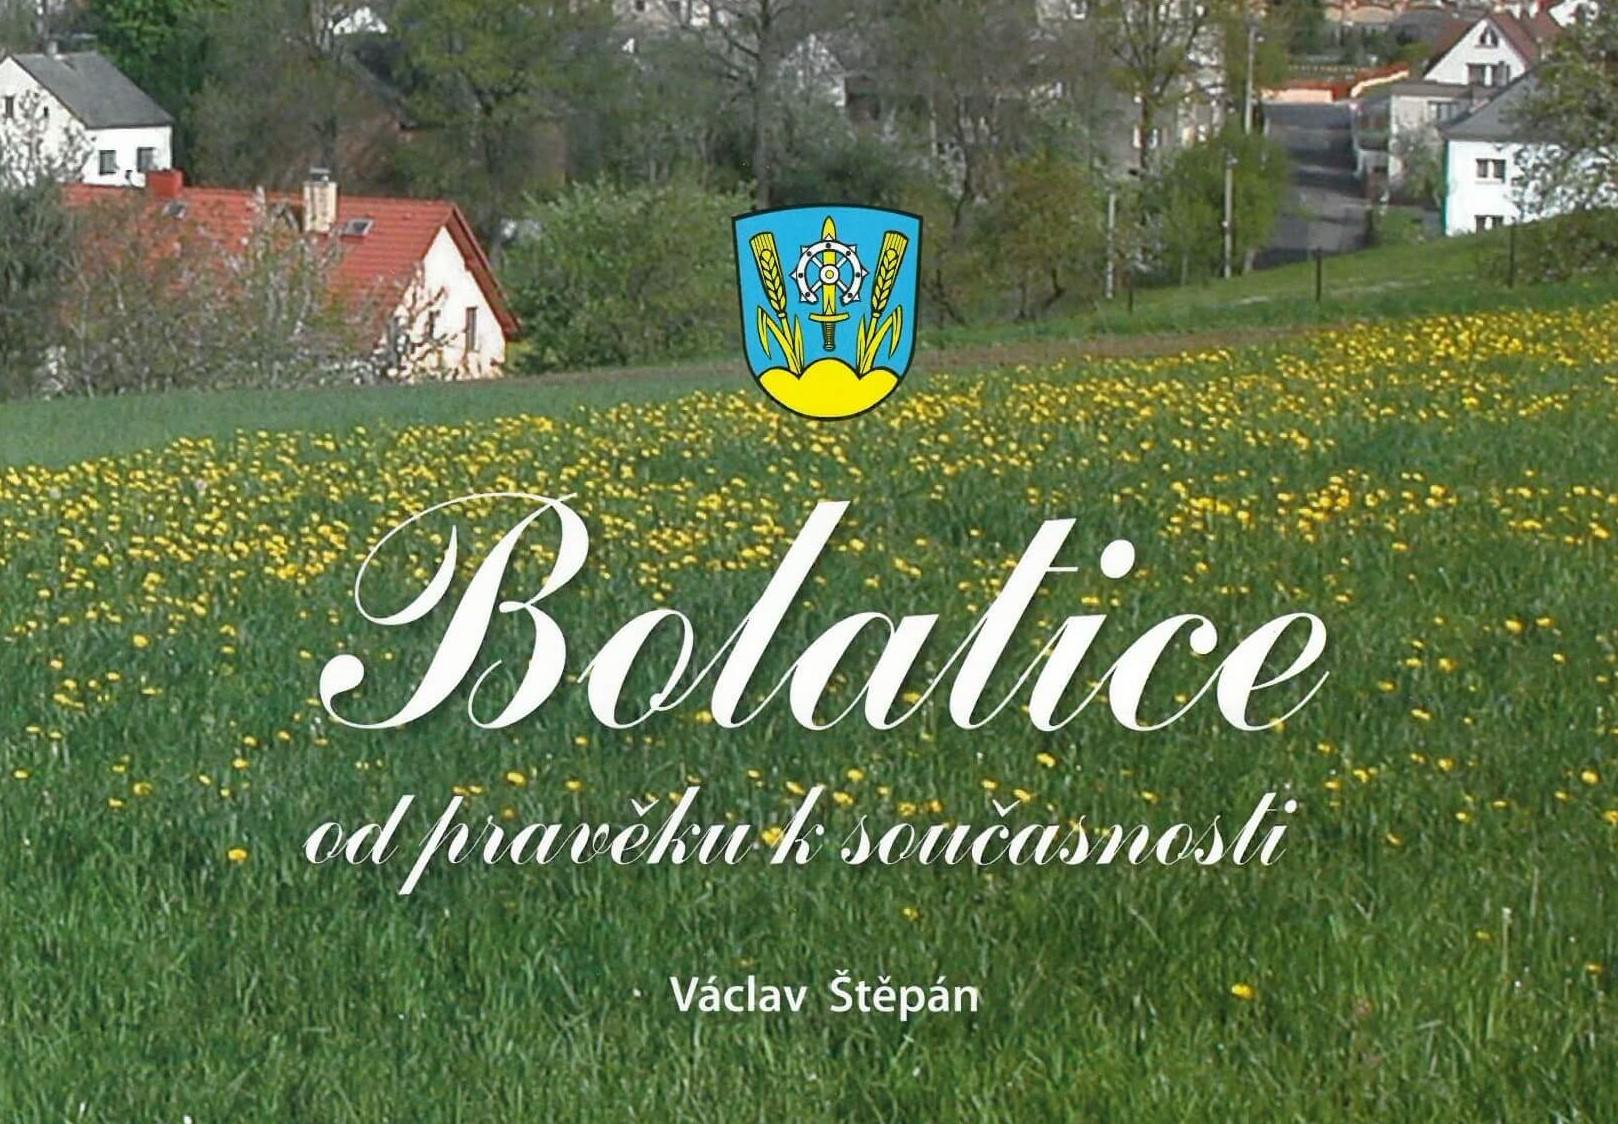 Napisz życzenia z okazji 770-lecia BOLATIC